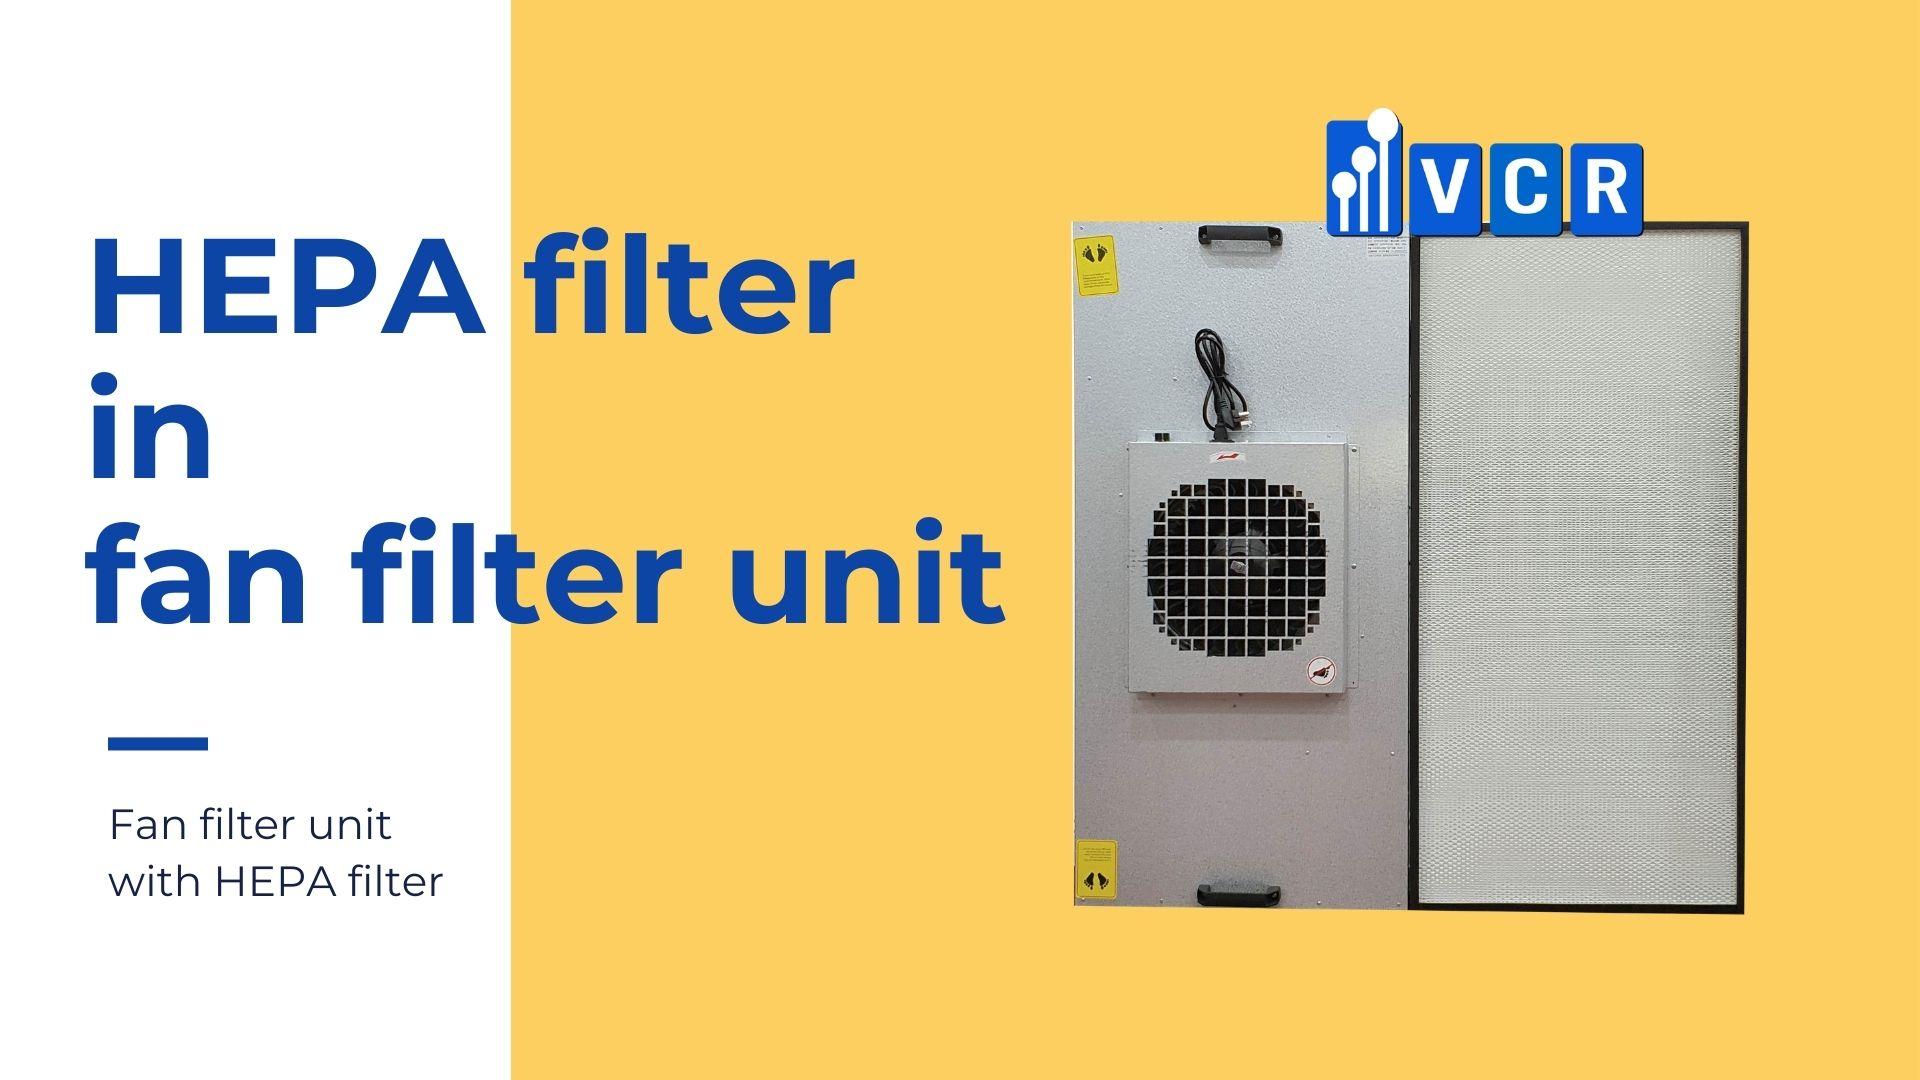 hepa filter in fan filter unit